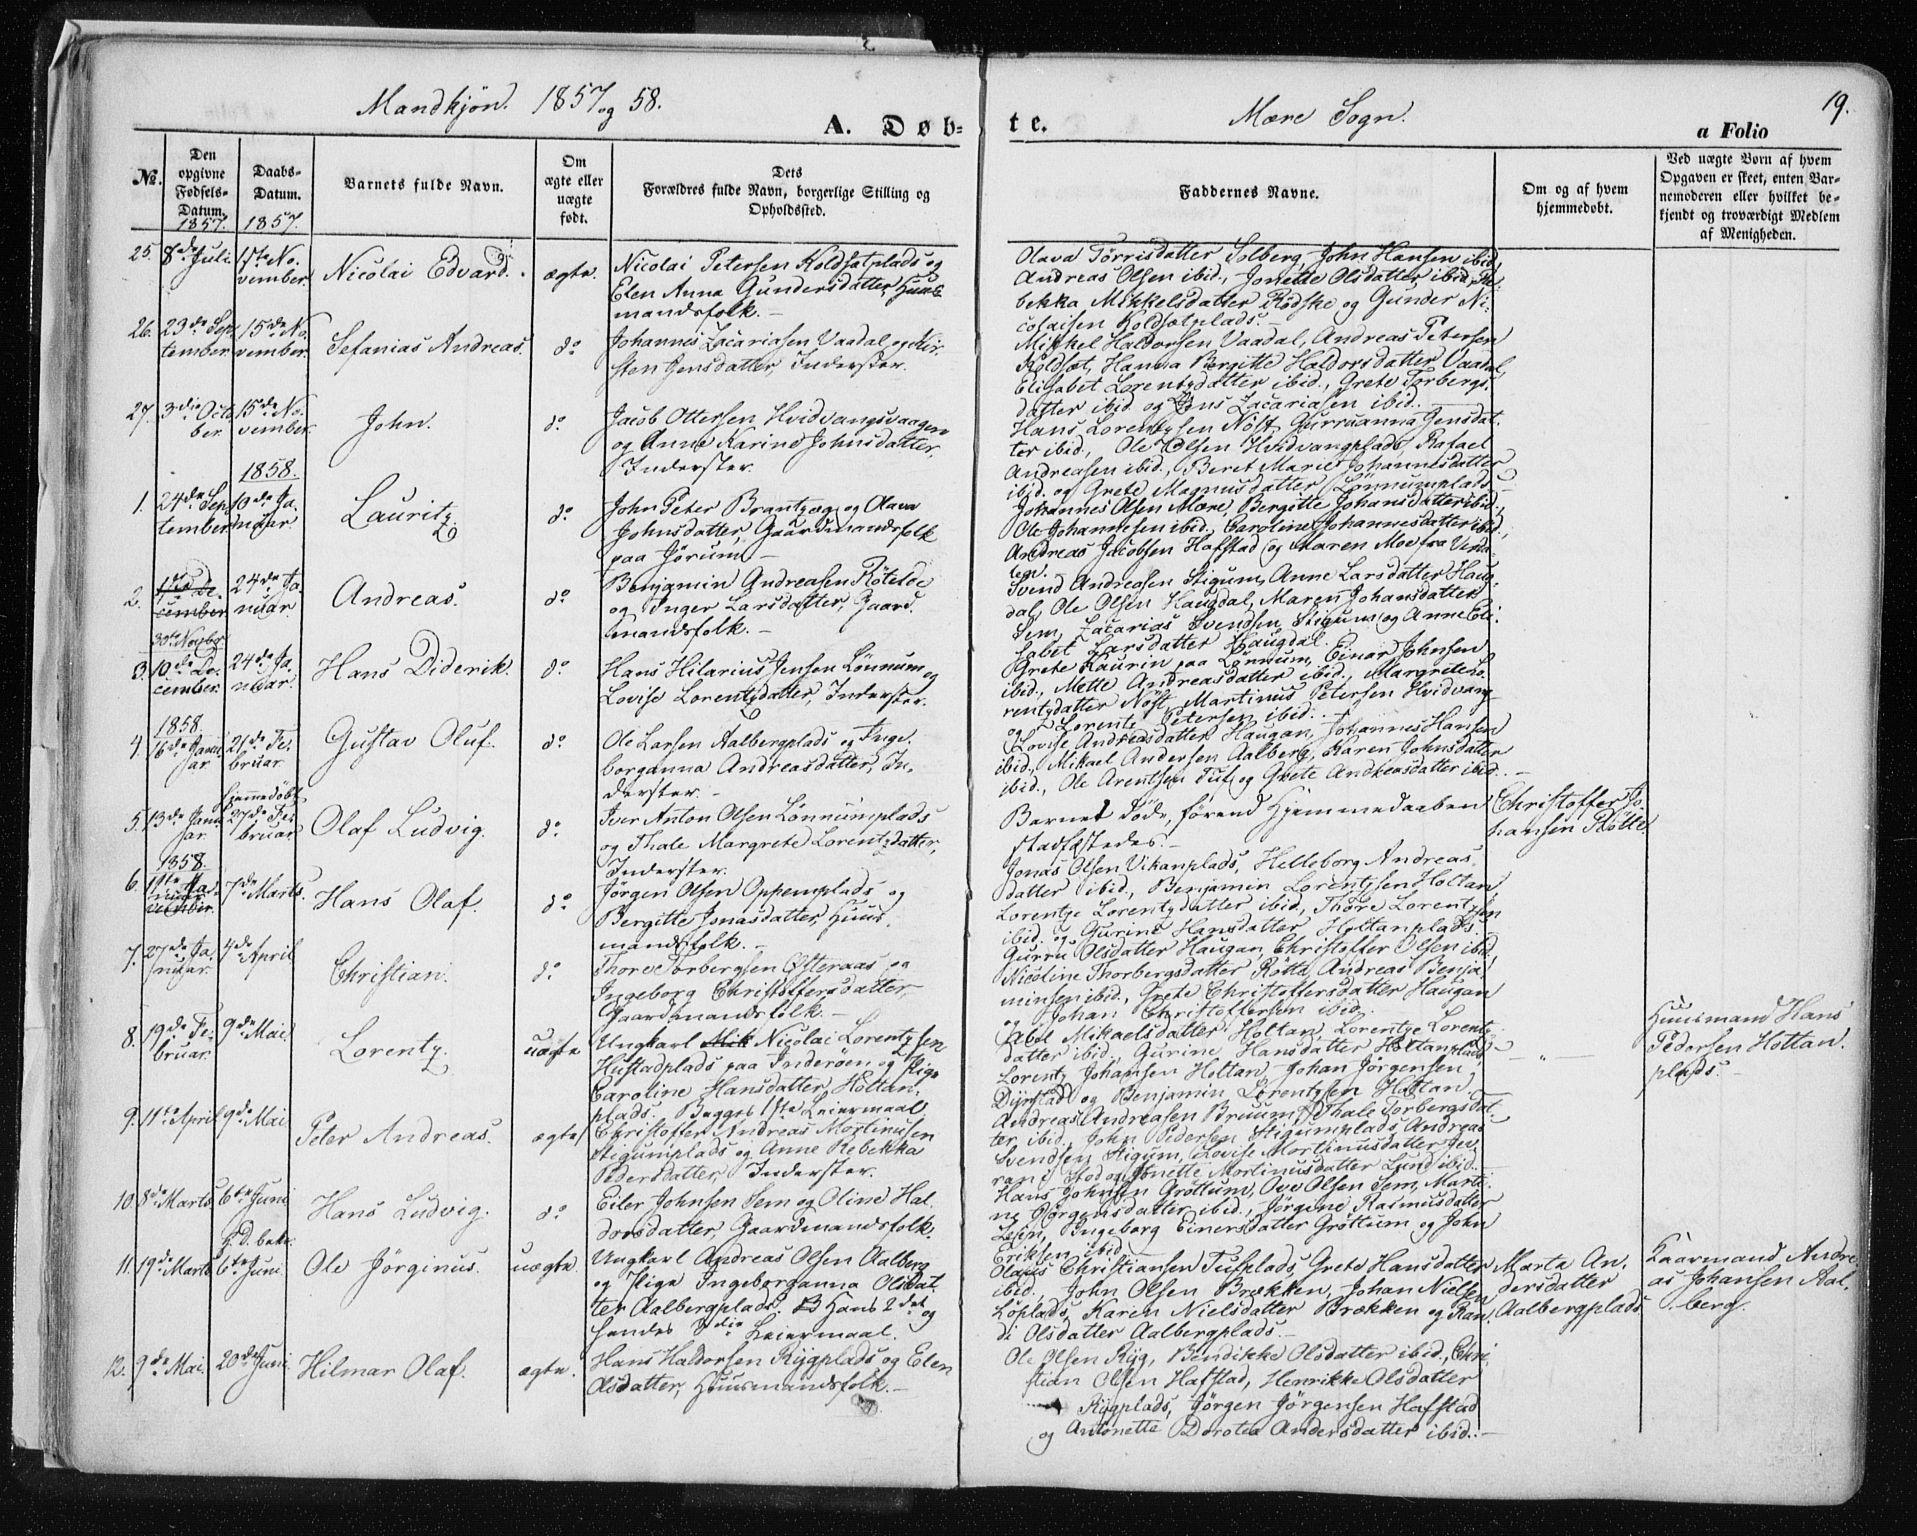 SAT, Ministerialprotokoller, klokkerbøker og fødselsregistre - Nord-Trøndelag, 735/L0342: Ministerialbok nr. 735A07 /1, 1849-1862, s. 19